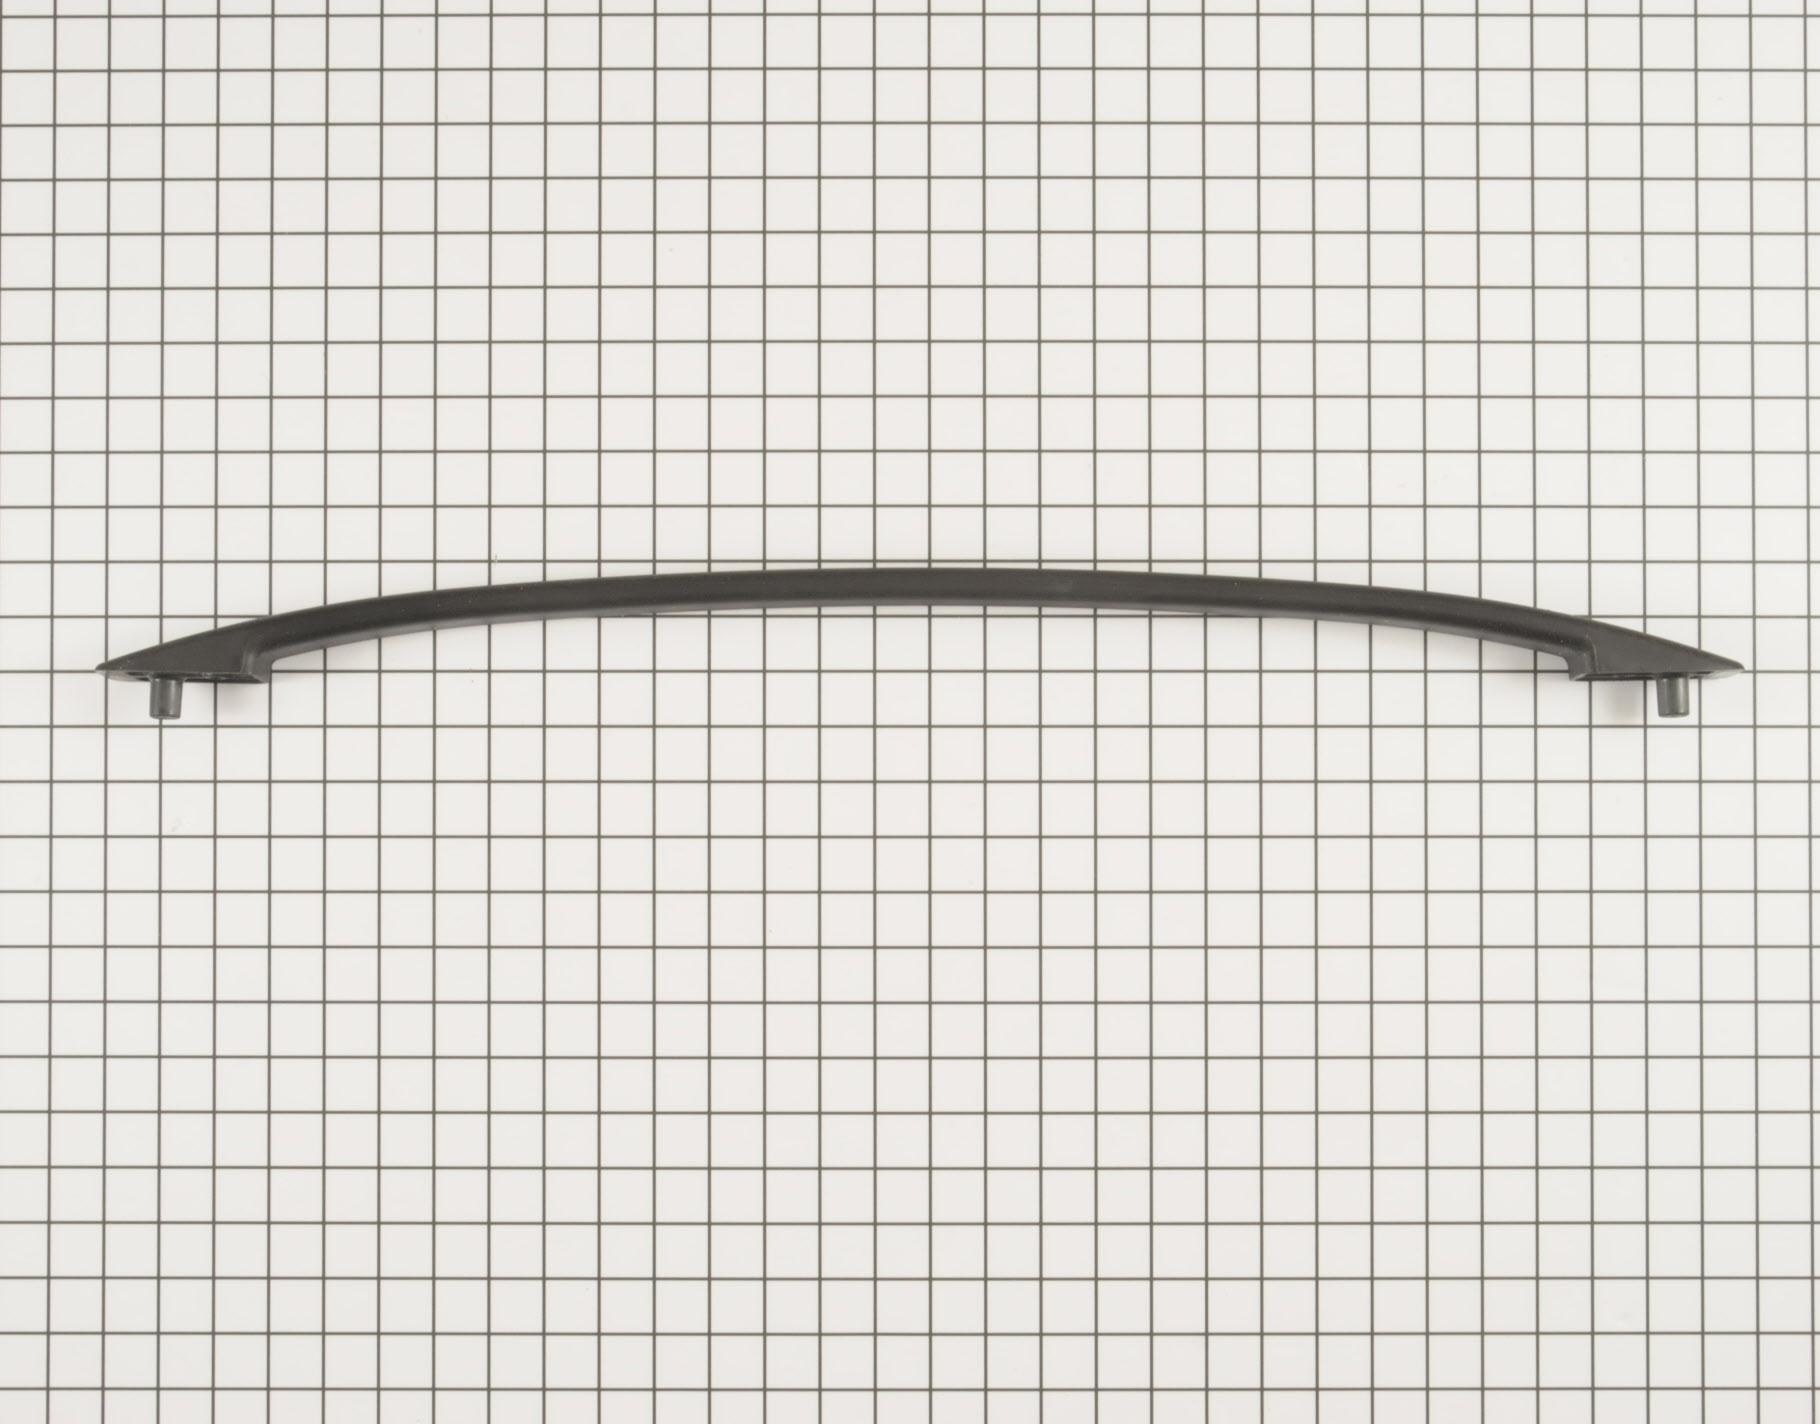 Roper Range/Stove/Oven Part # WPW10202217 - Door Handle